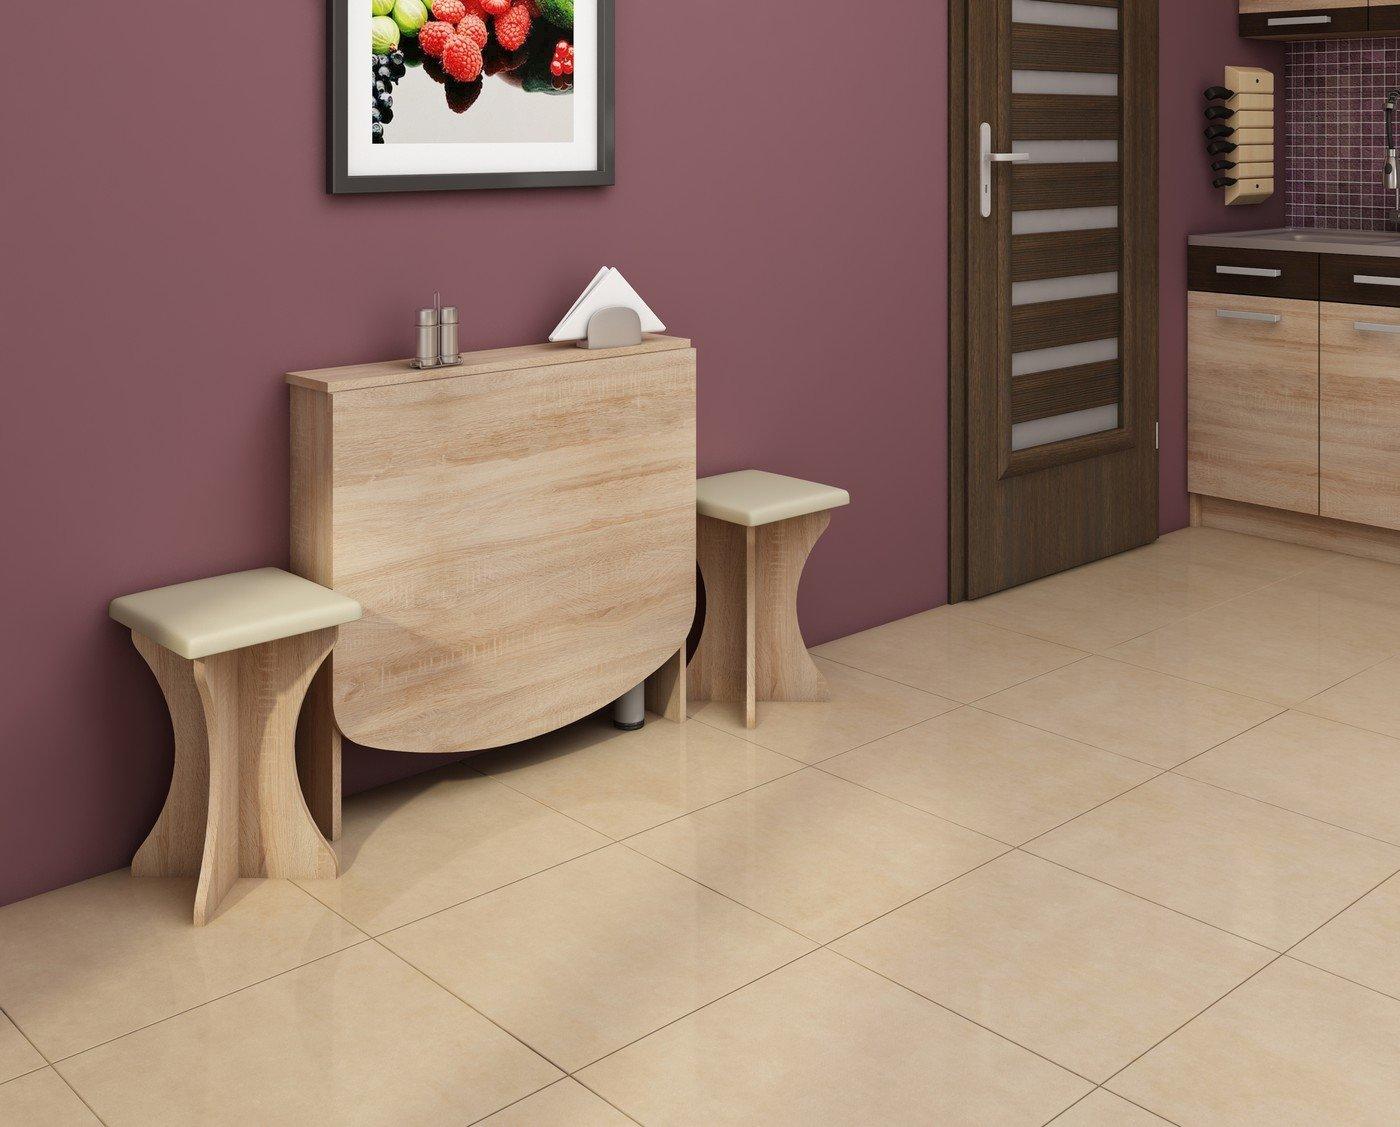 Прямоугольный откидной стол в интерьере